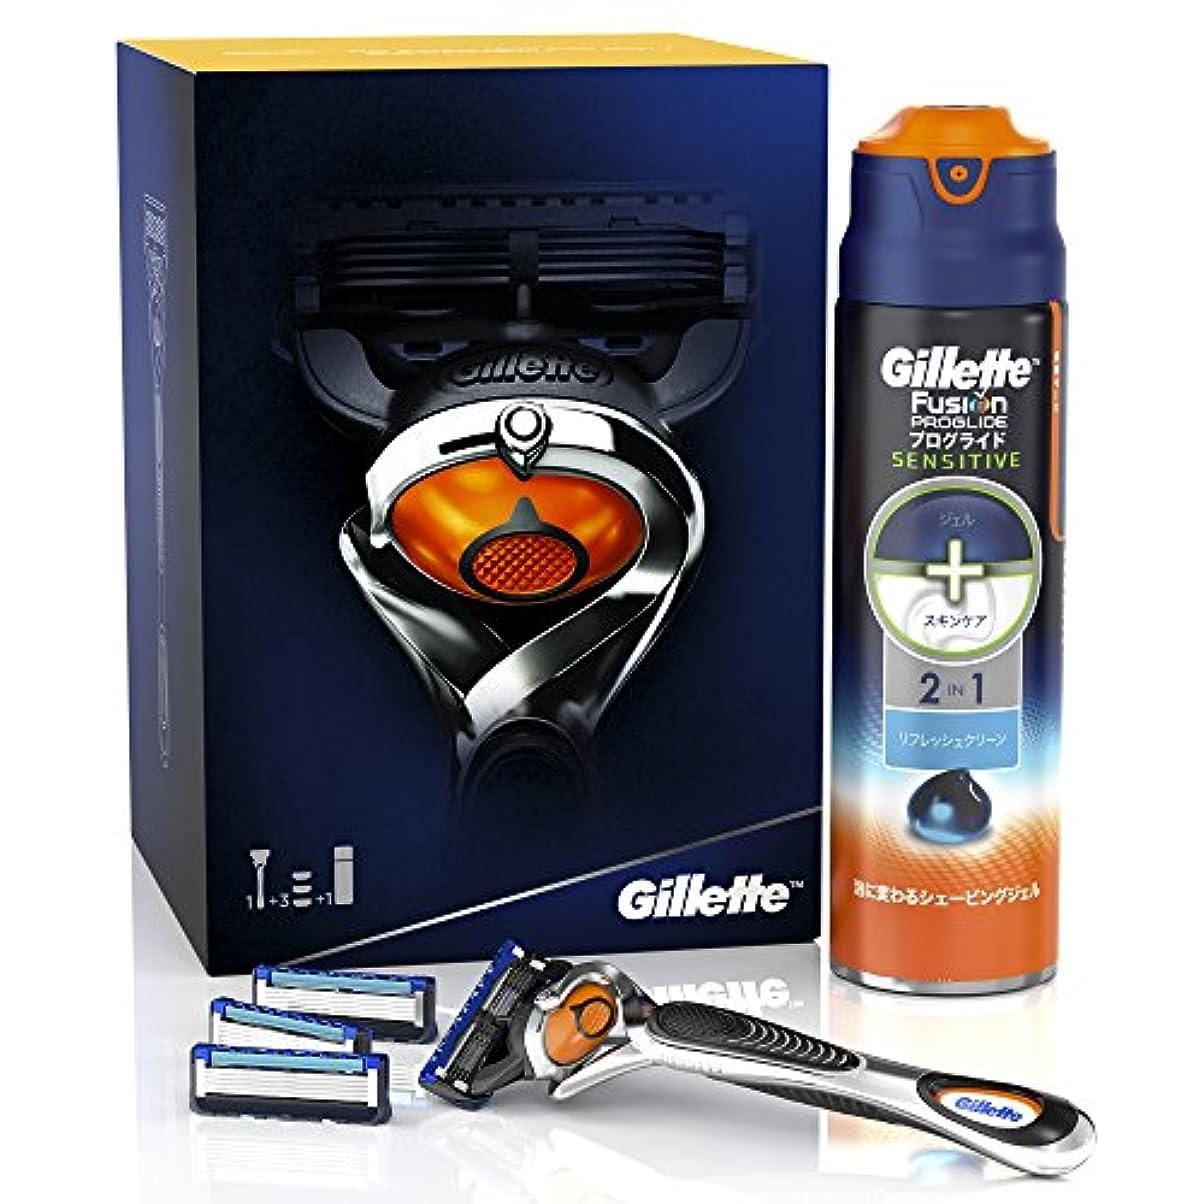 レコーダーフロンティアソファージレット 髭剃りプログライドギフトセット (マニュアルホルダー+ 替刃3個 + ジェルフォーム リフレッシュクリーン 168g)